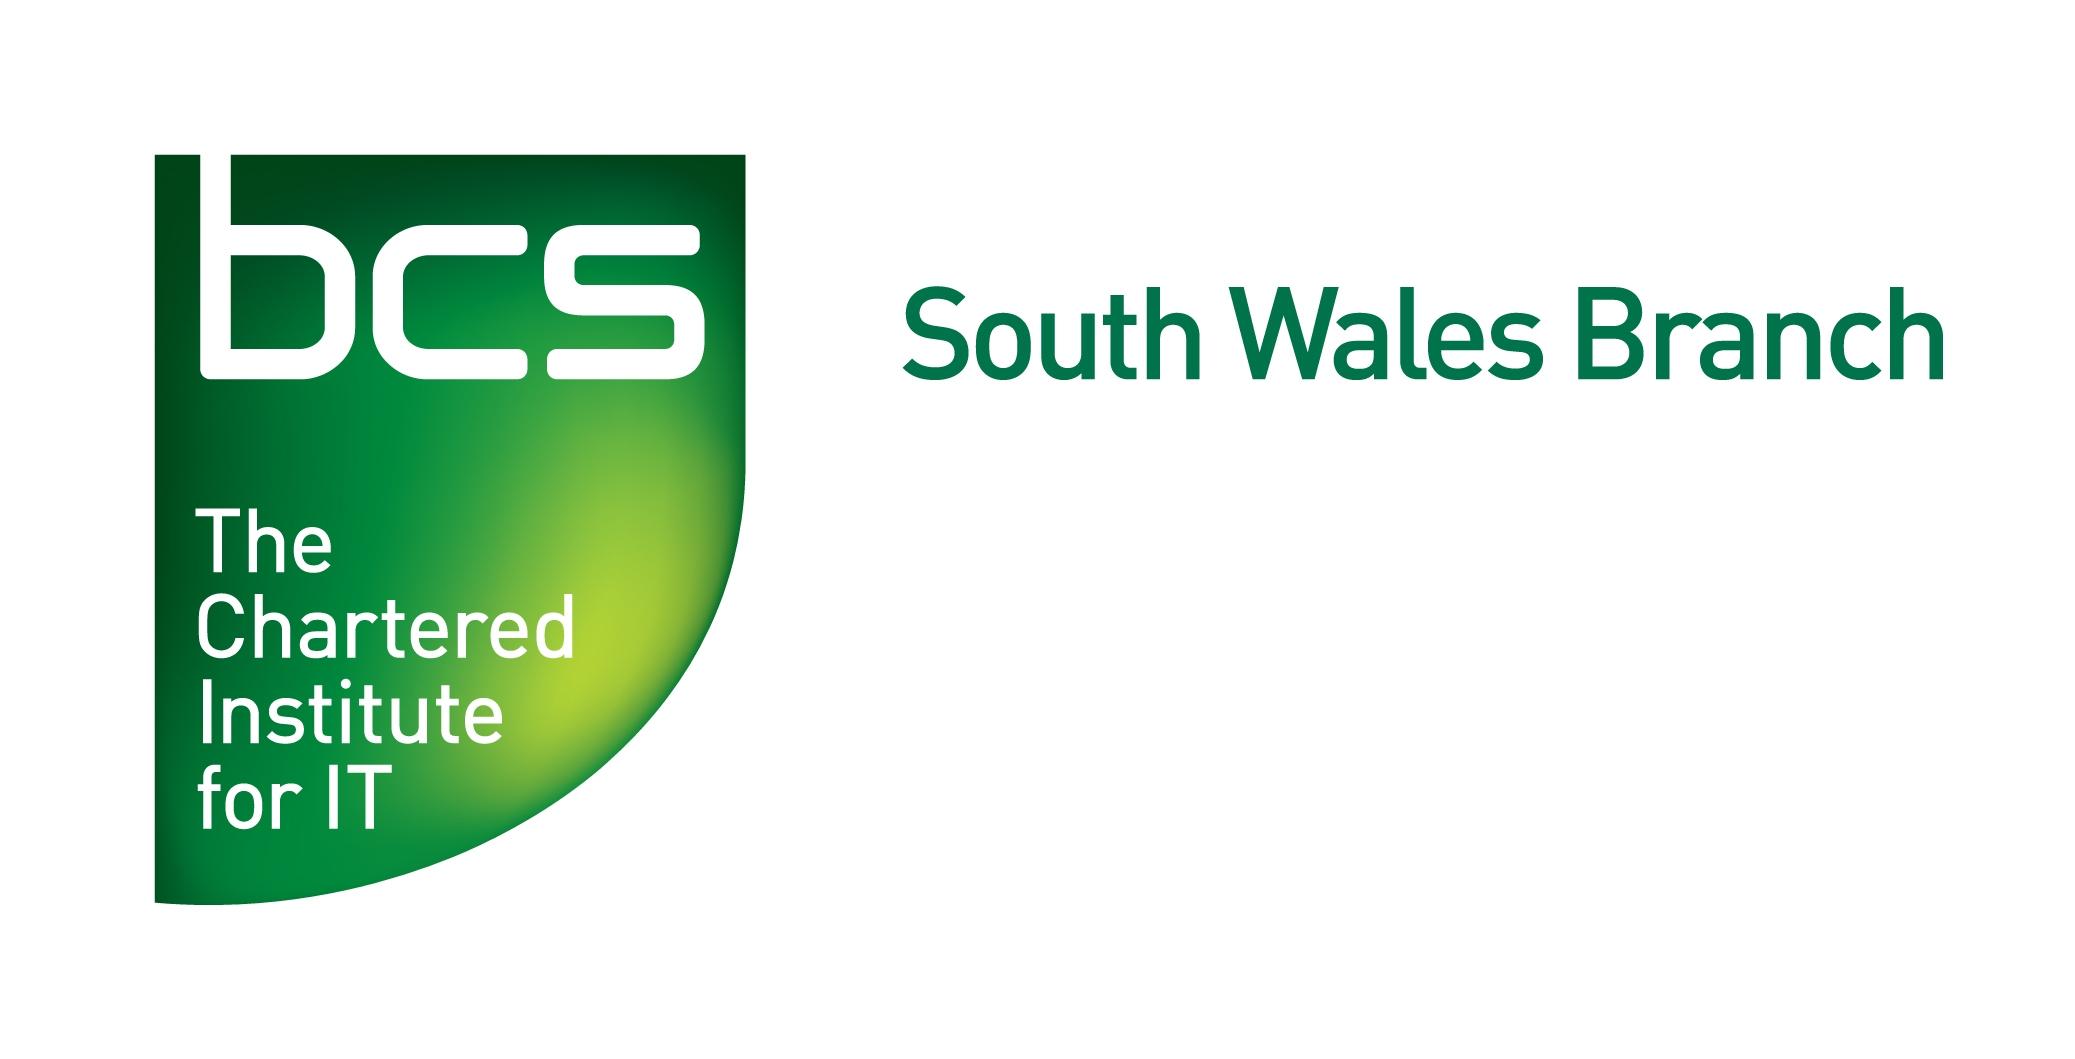 BCS South Wales Branch logo